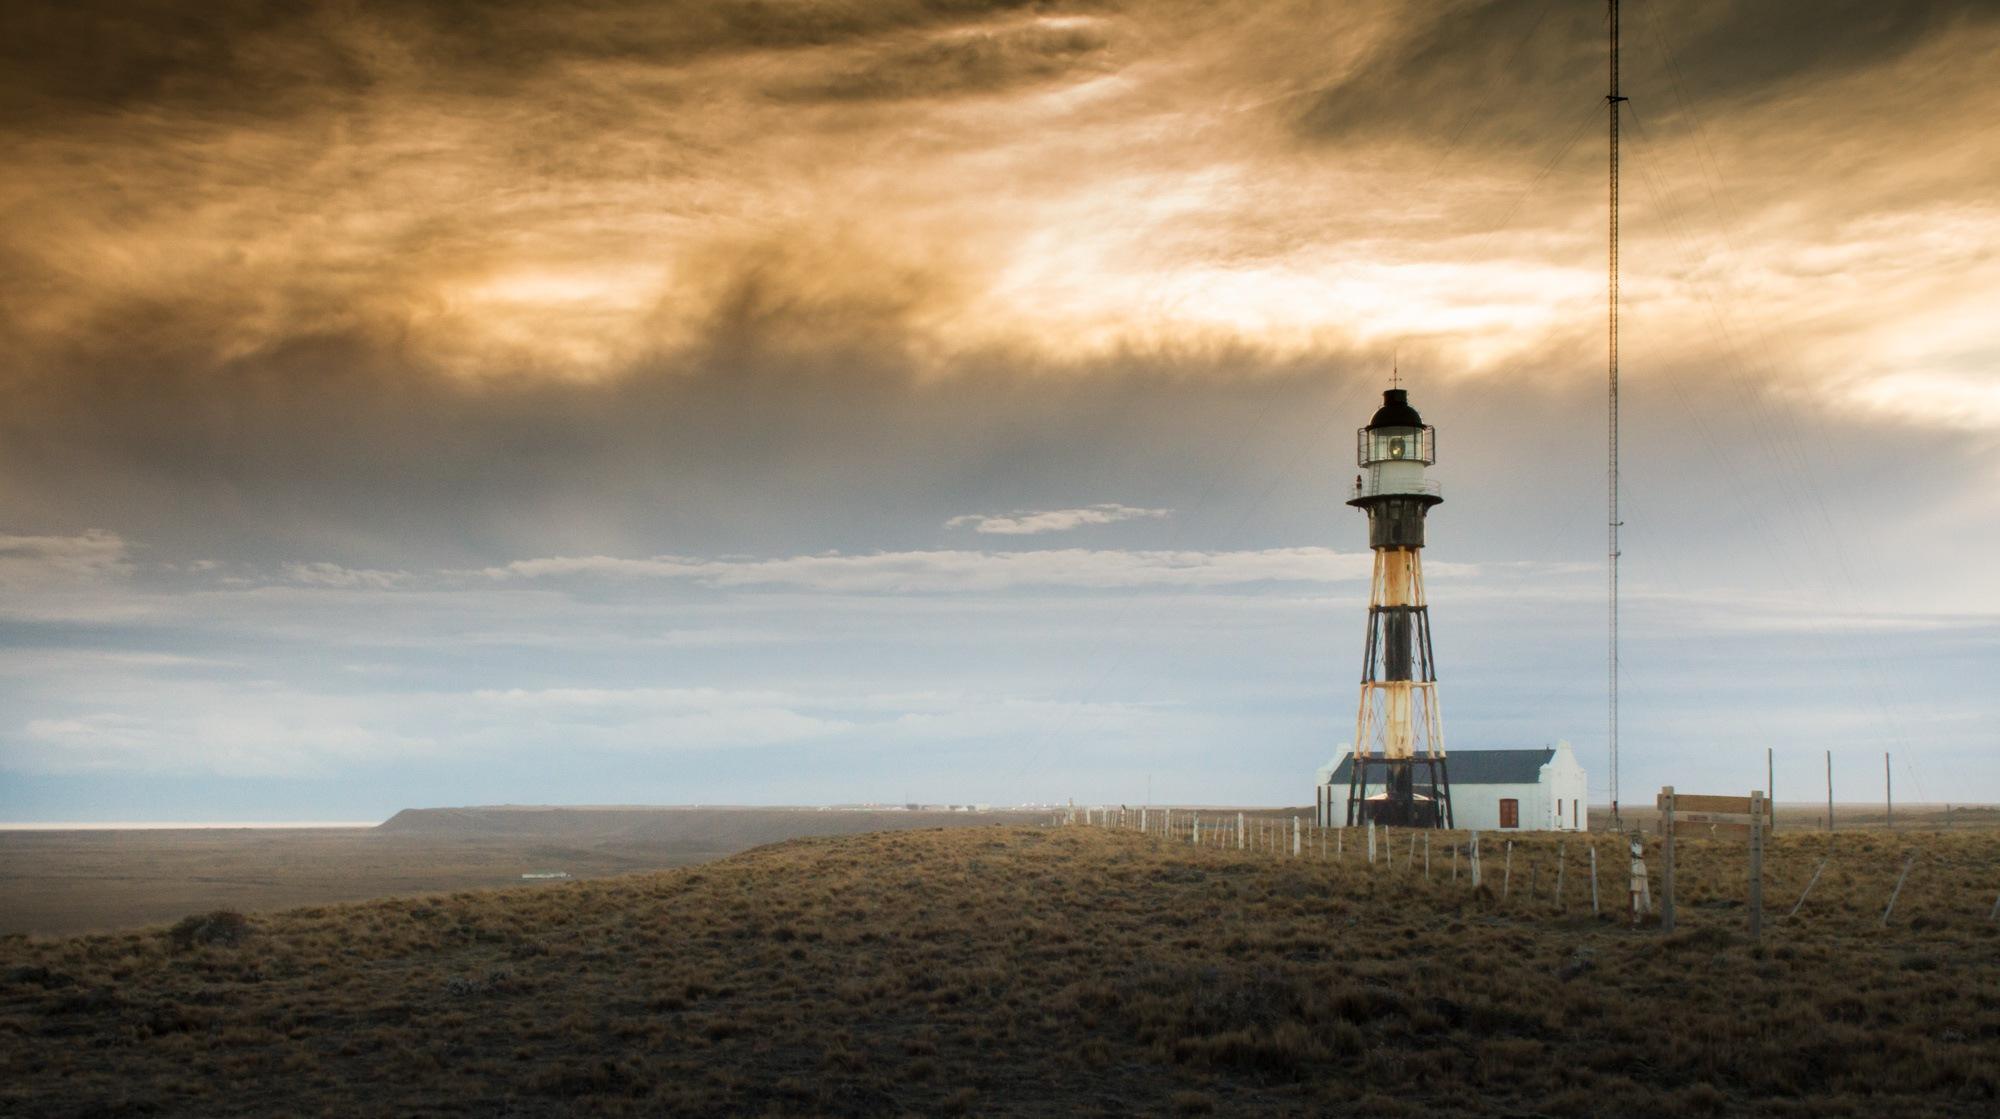 C2-CABO VIRGENES-Faro Cabo Virgenes atardecer de tormenta-2015-ARIEL PILUSO-IMG_1778 by Ariel Piluso